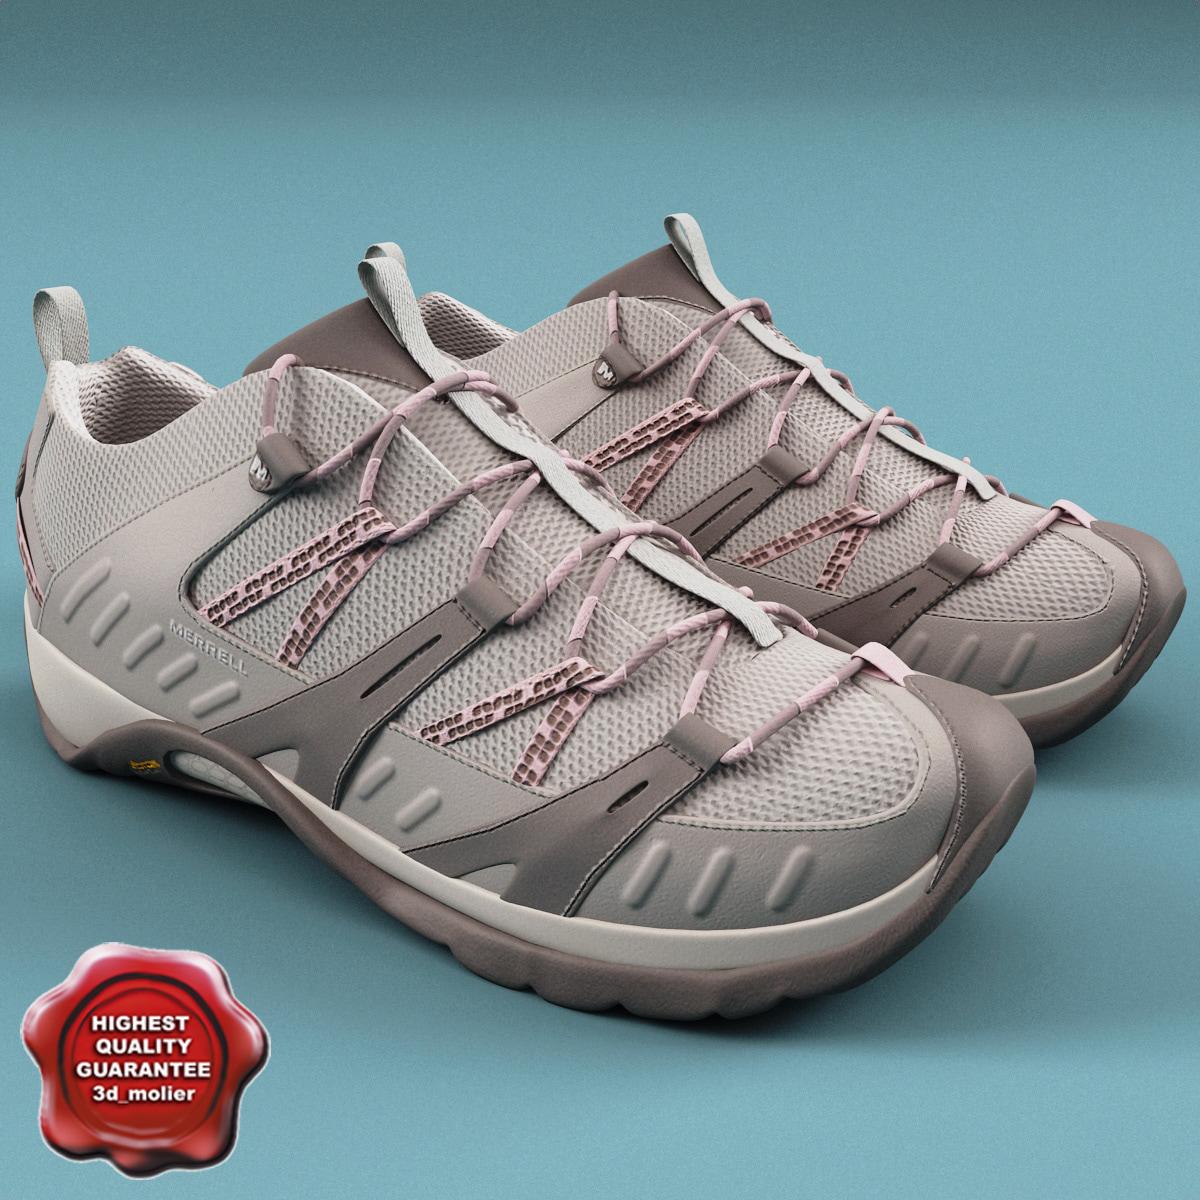 3d mens shoes merrell model